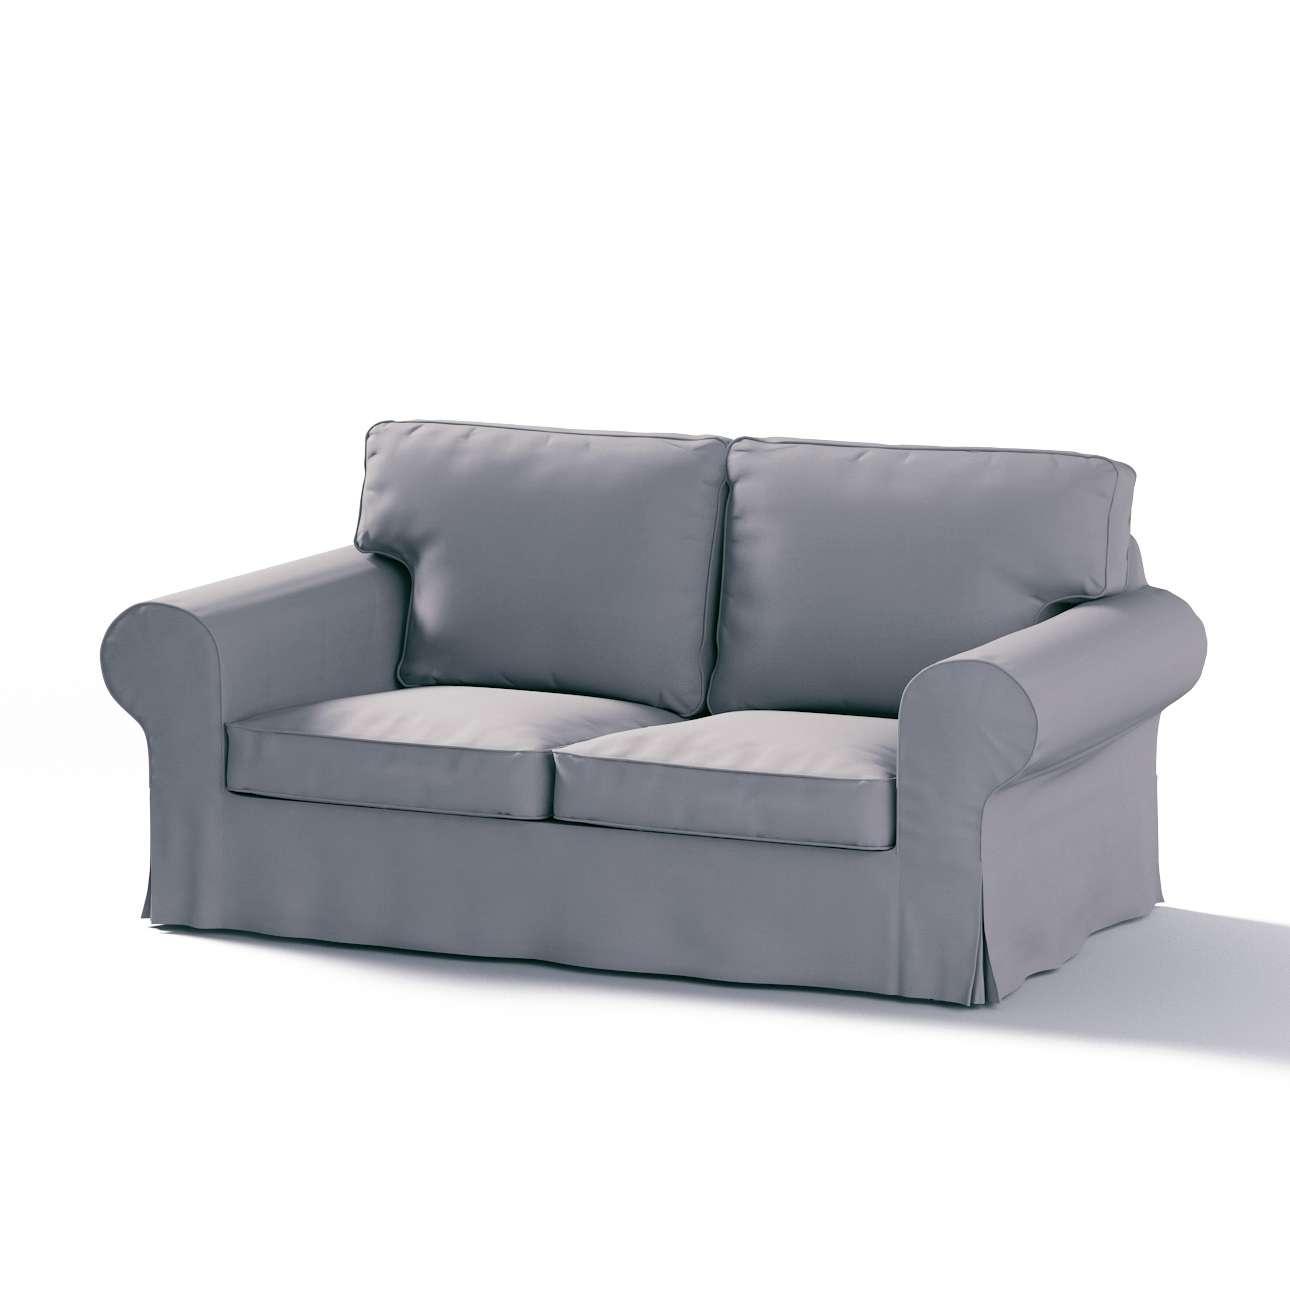 Potah na pohovku IKEA  Ektorp 2-místná, nerozkládací pohovka Ektorp 2-místná v kolekci Cotton Panama, látka: 702-07